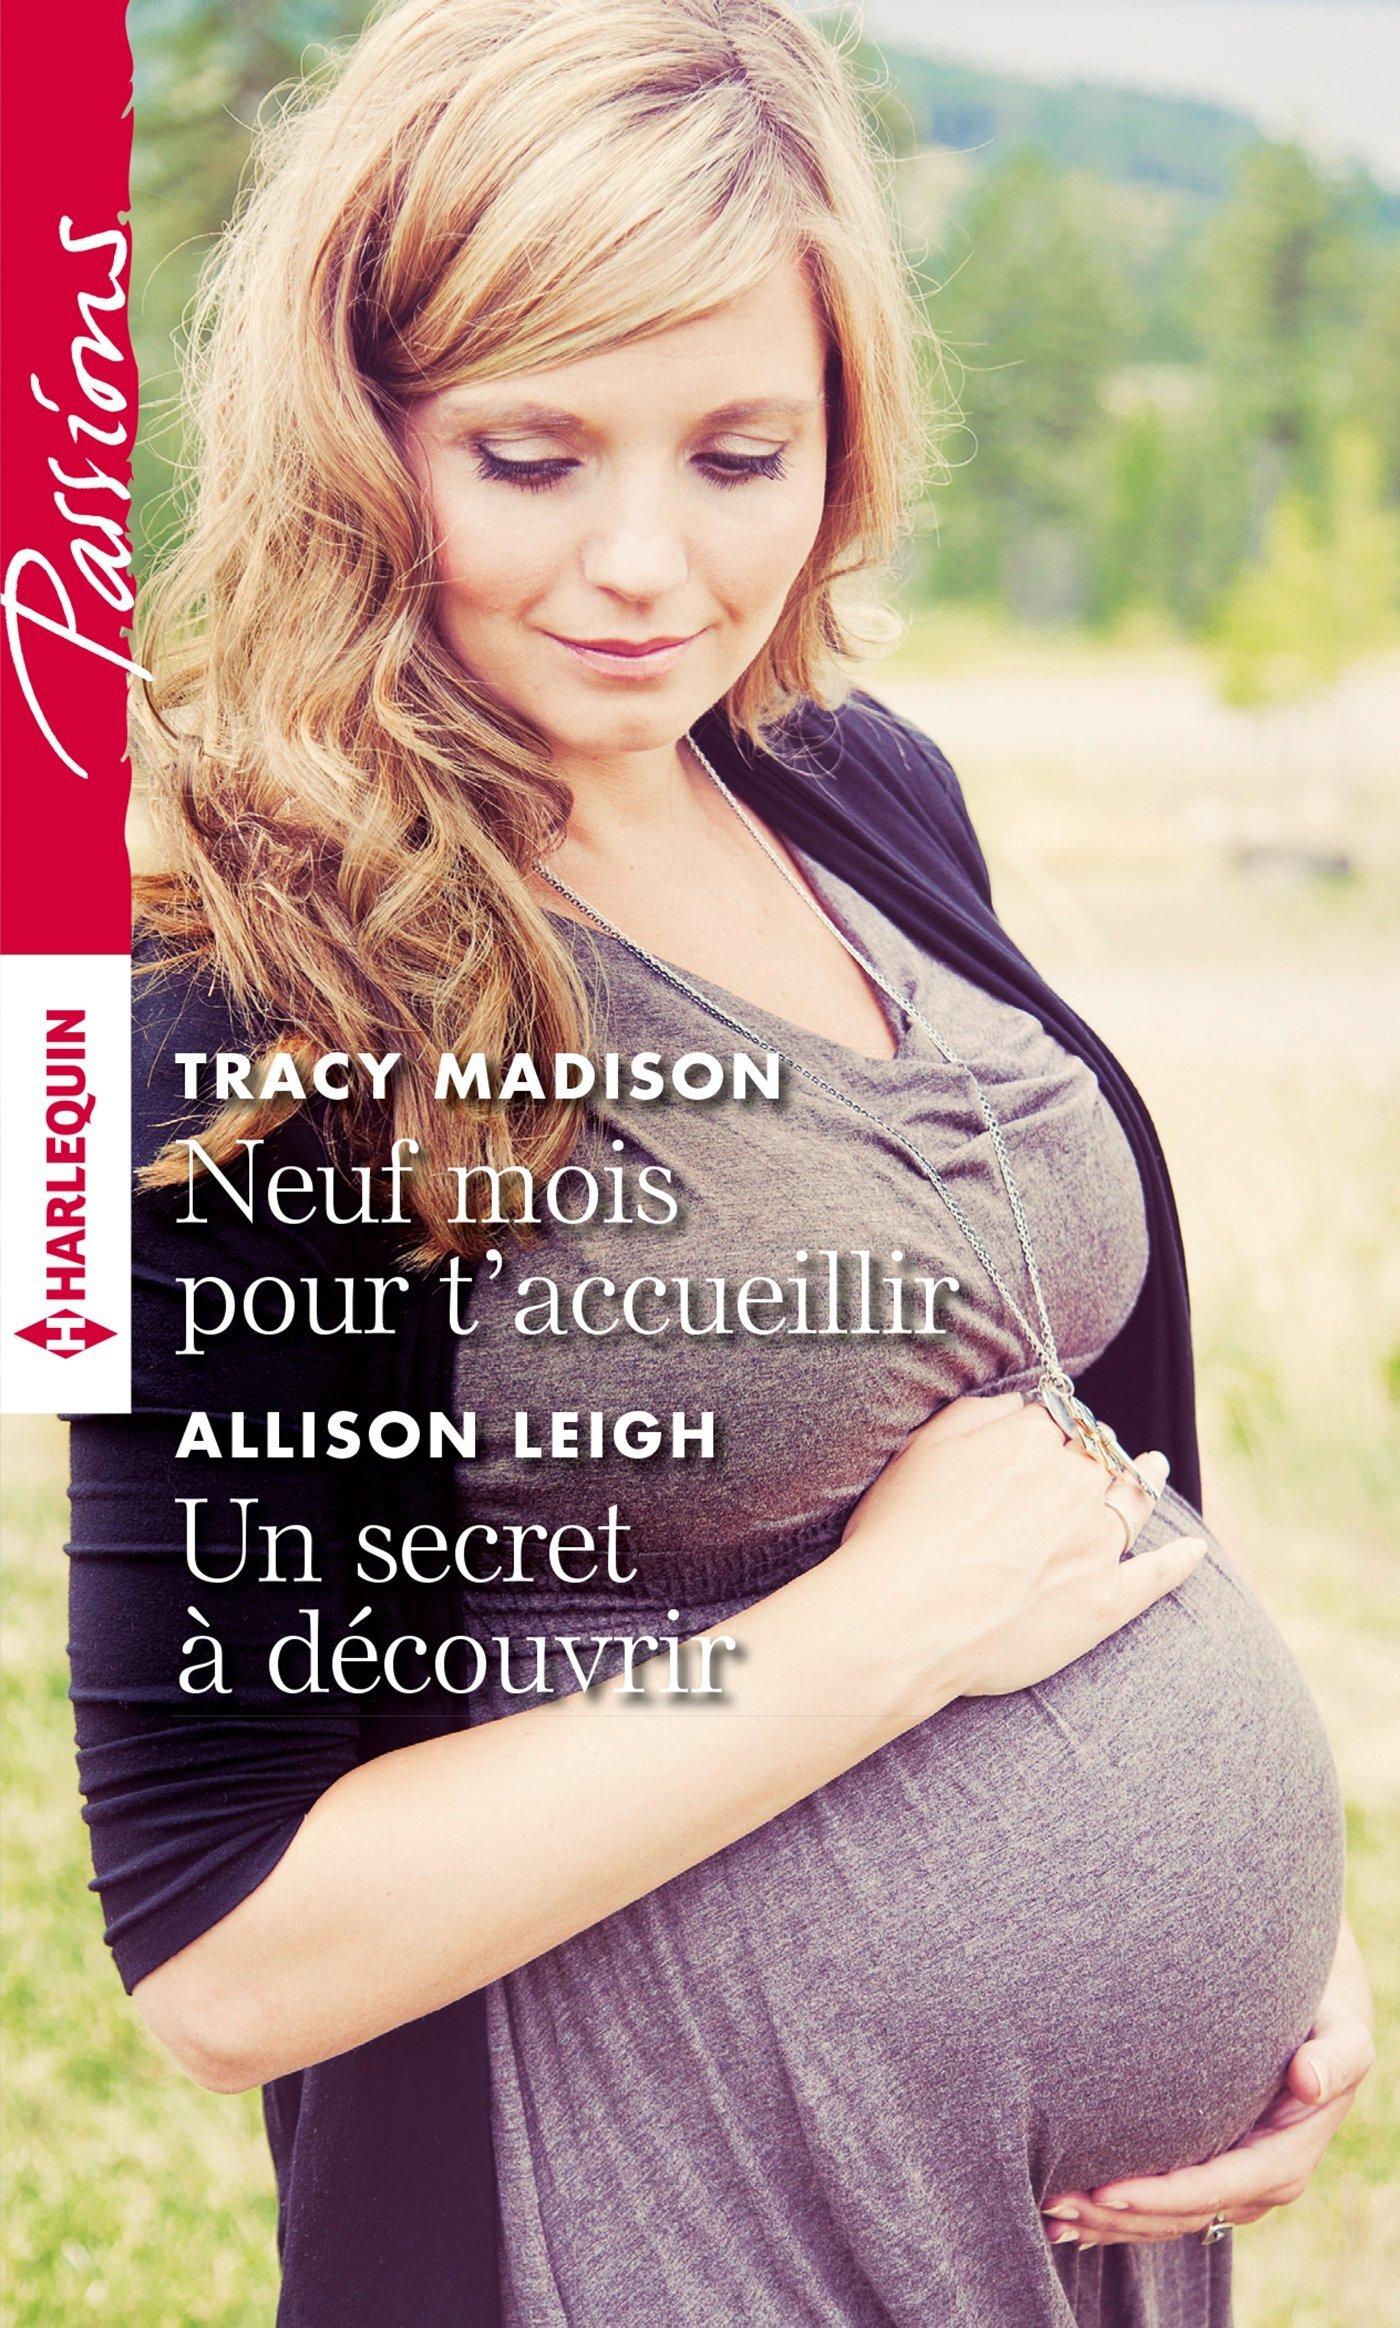 cdn1.booknode.com/book_cover/804/full/neuf-mois-pour-t-accueillir-un-secret-a-decouvrir-803819.jpg